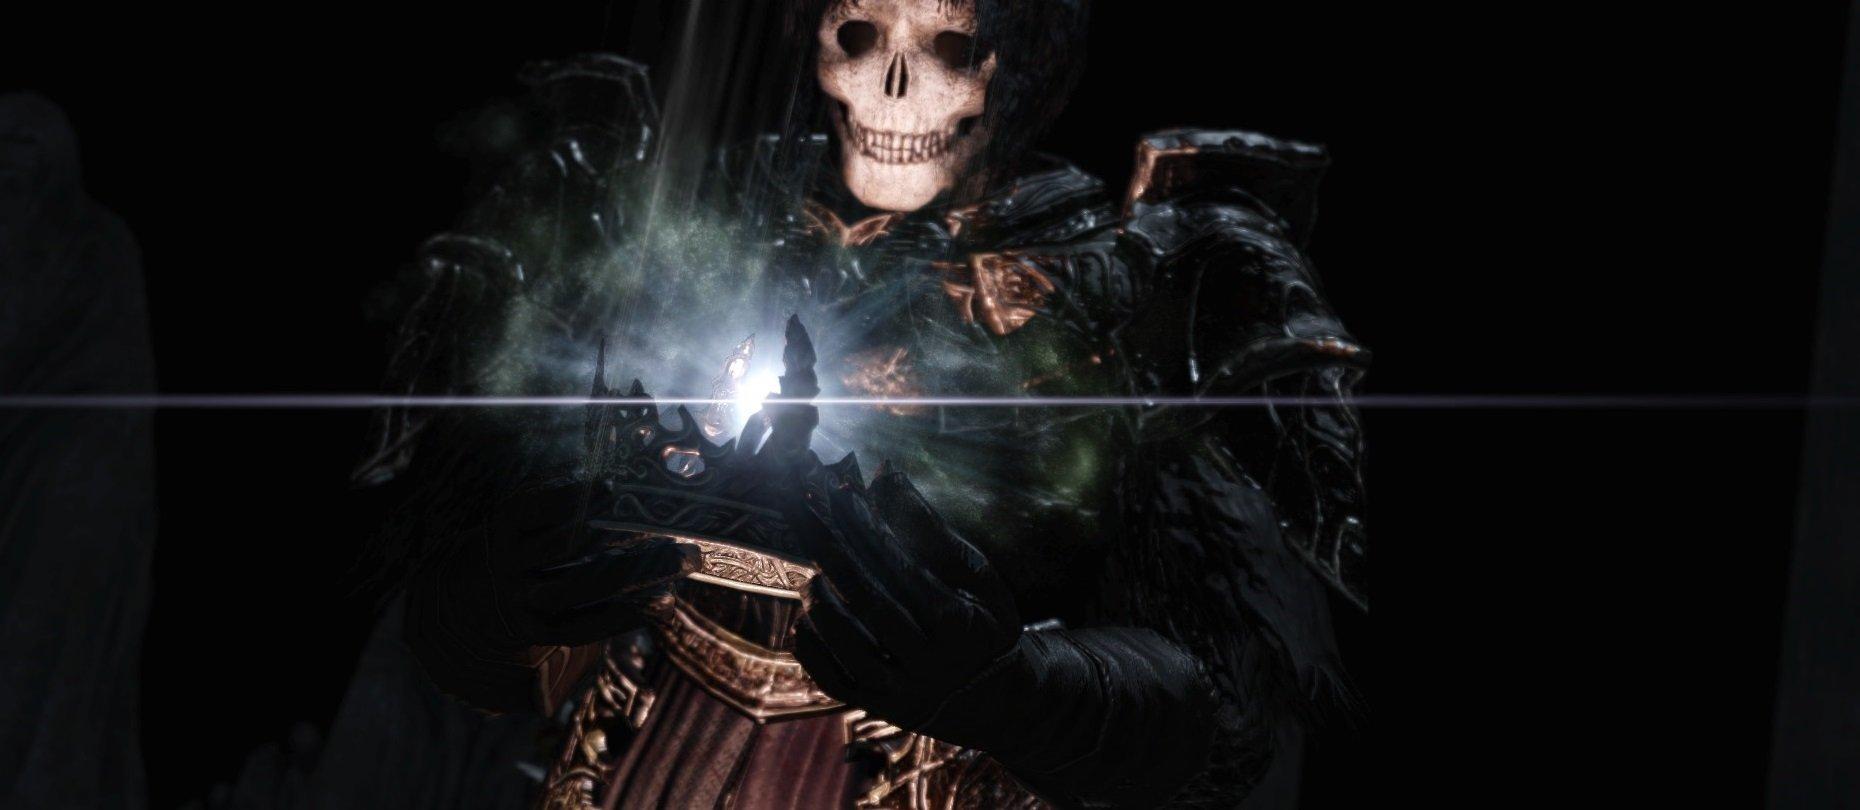 Новая порция допконтента для Dakr Souls 2? - Изображение 1